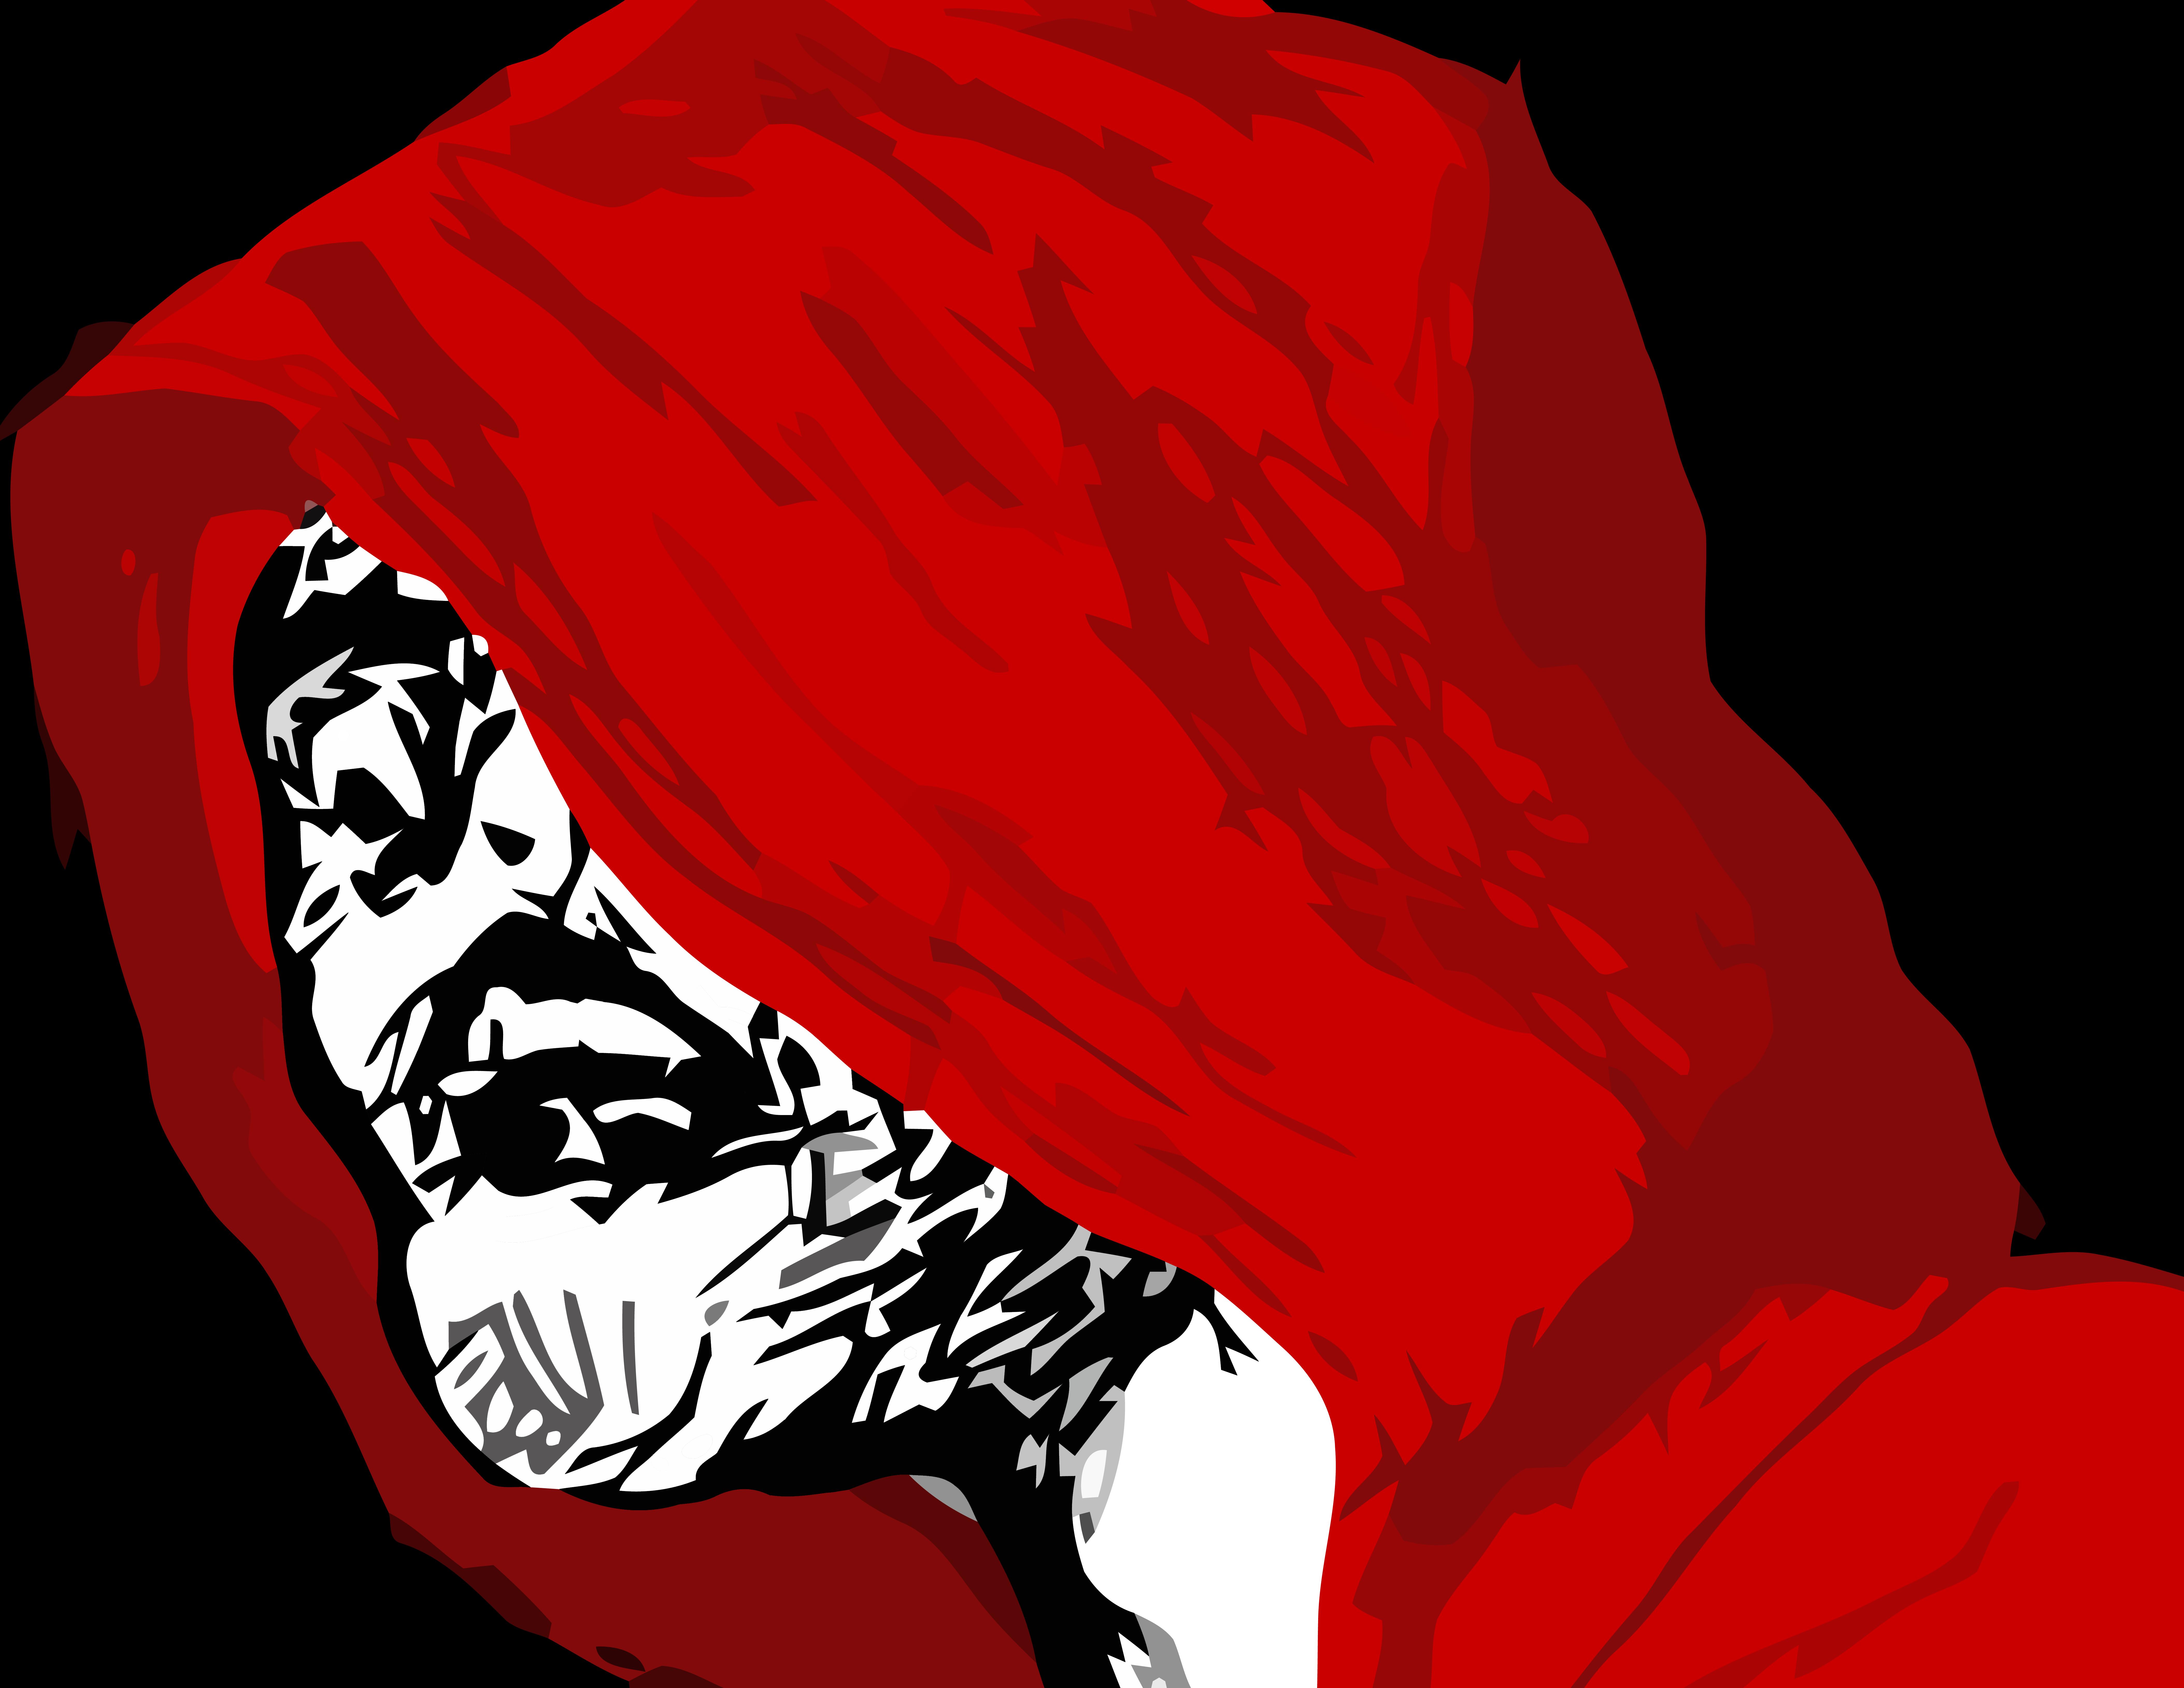 Cristina Kirchner haciendo un Simbolo ocultista Illuminati